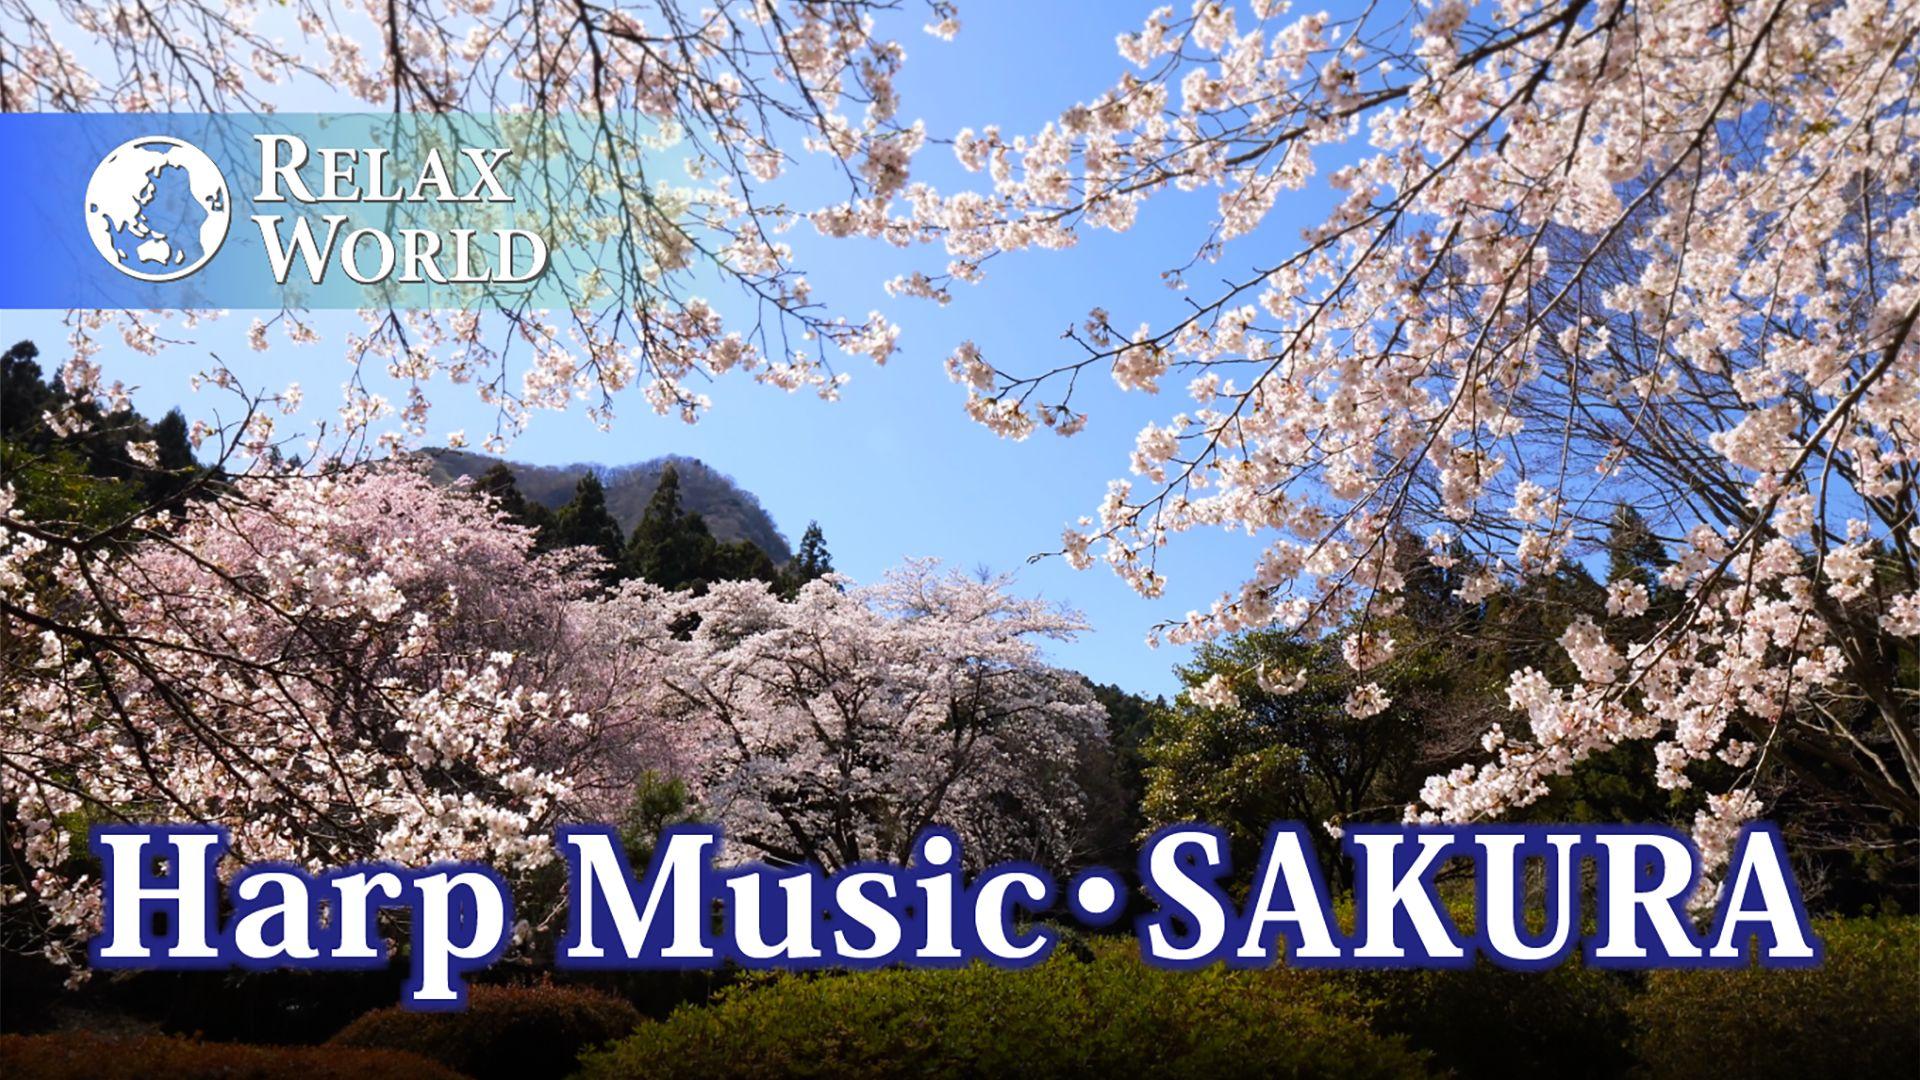 Harp Music・SAKURA【RELAX WORLD】